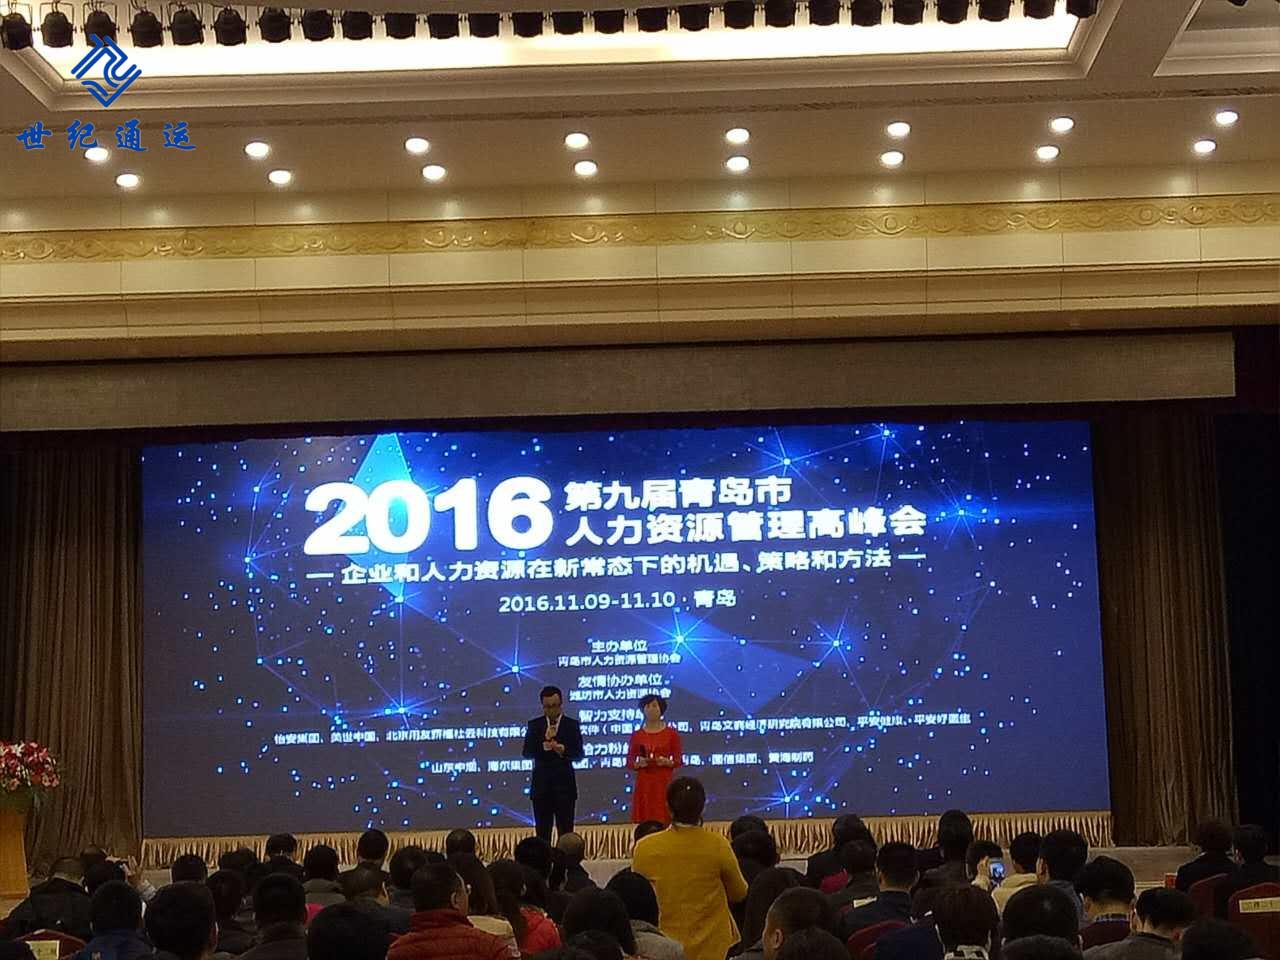 热烈祝贺青岛市第九届人力资源管理高